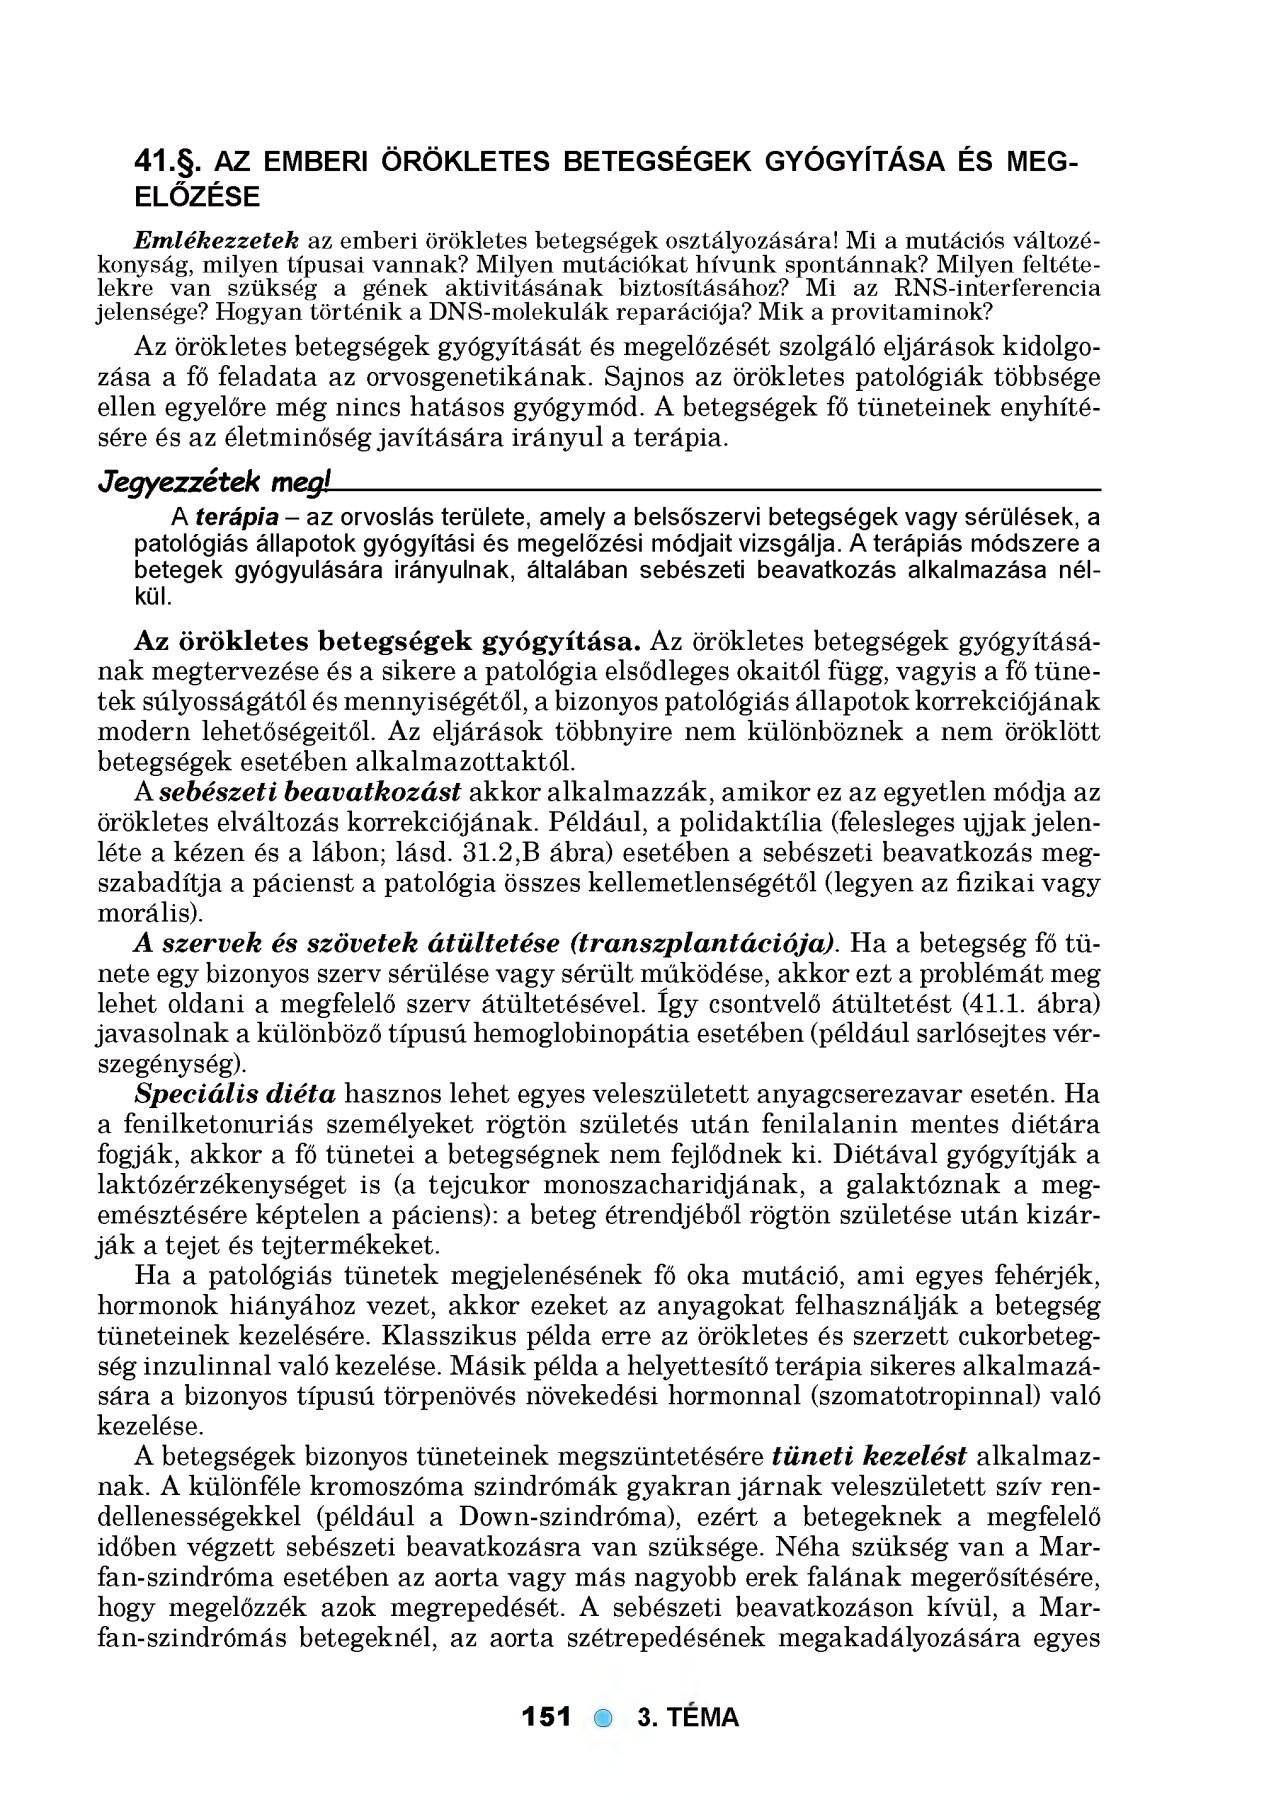 petefészek membrán kezelése gyermekek szempontjából és sémája)